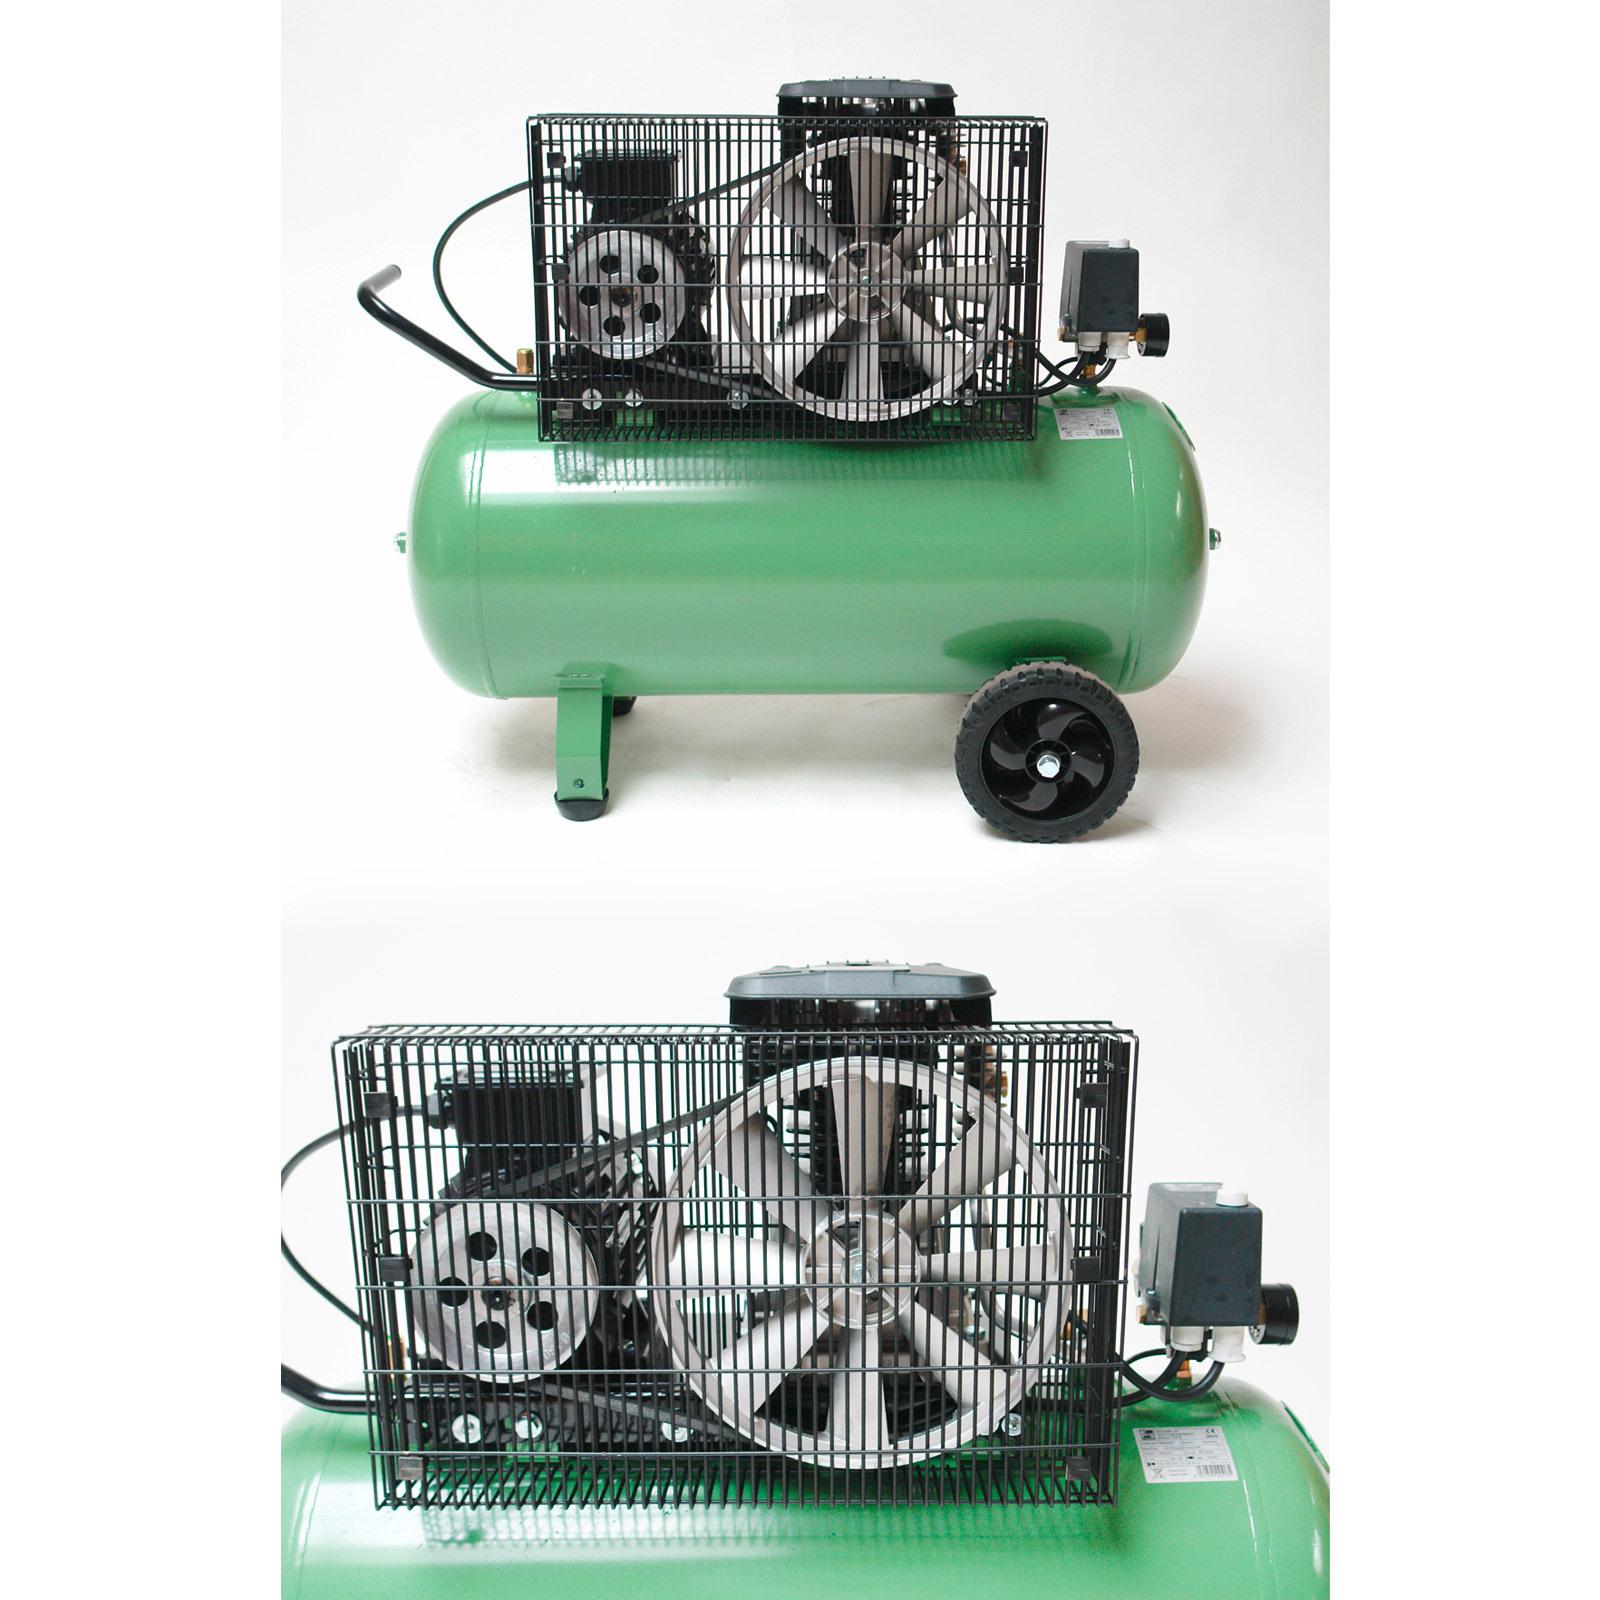 druckluft kolben kompressor 100 l 400 volt 10 bar 3 kw 500 10 100 4031765245135 ebay. Black Bedroom Furniture Sets. Home Design Ideas